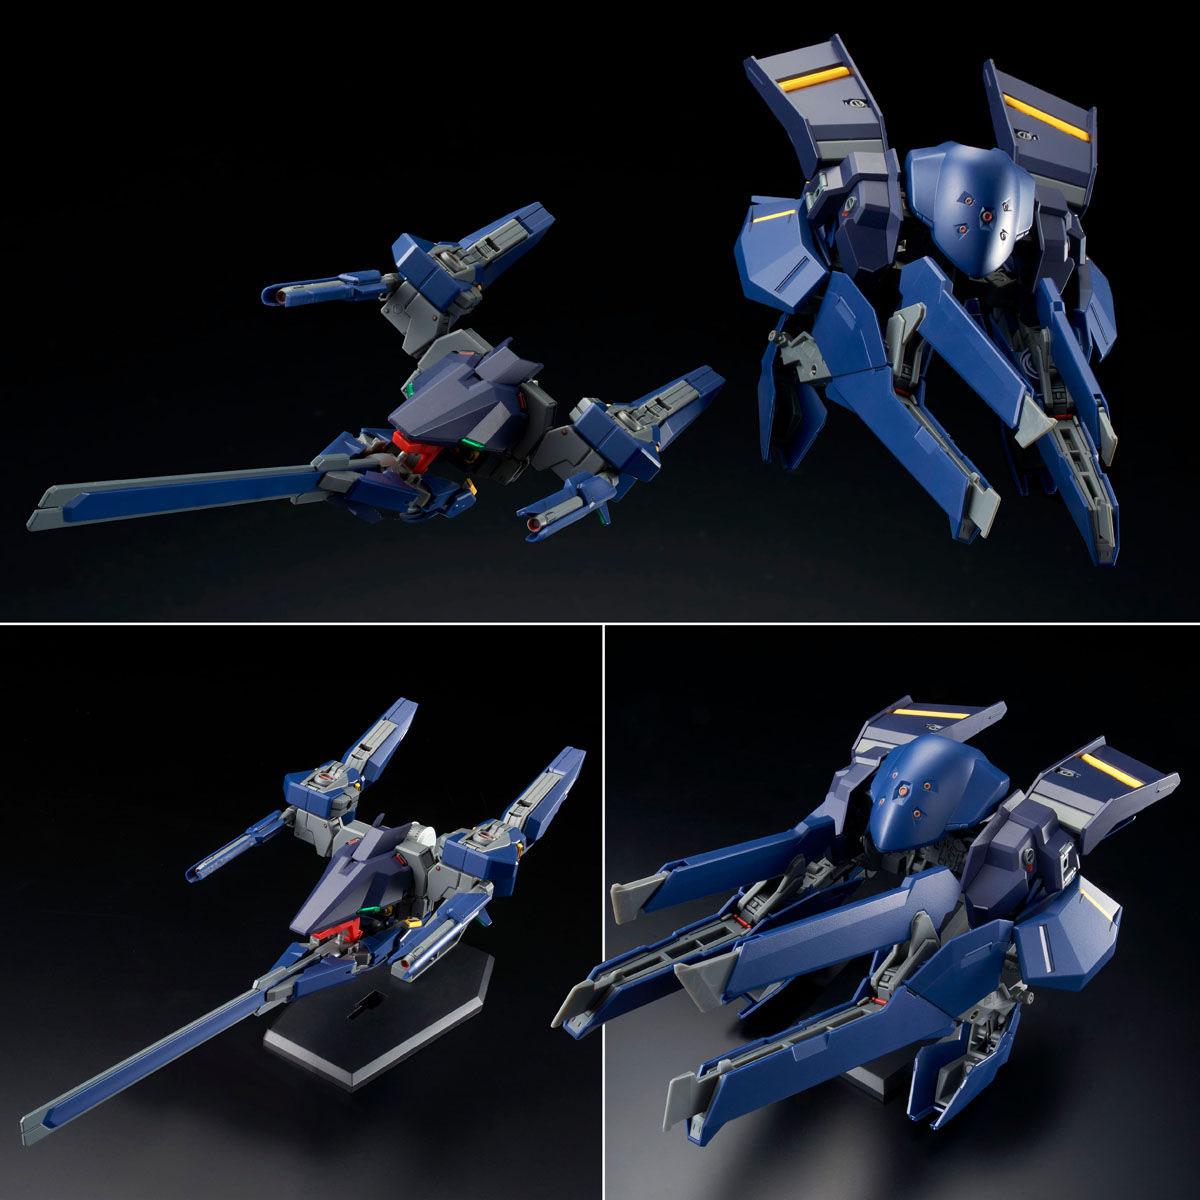 【限定販売】HG 1/144『ガンダムTR-6[ハイゼンスレイII]』プラモデル-009